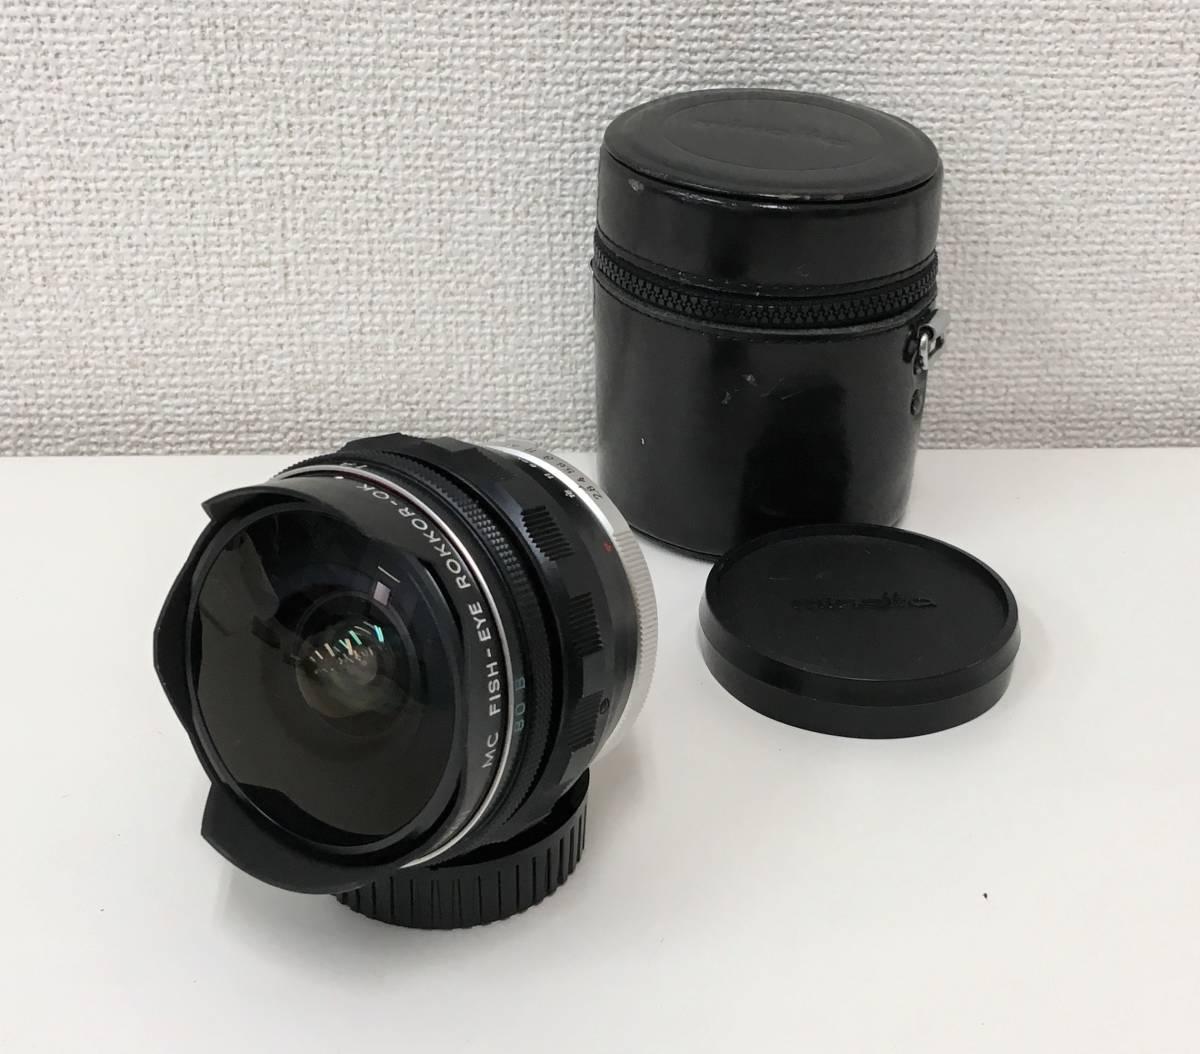 【ミノルタ 魚眼レンズ 1:2.8 F=!6mm】MINOLTA/MC FISH-EYE ROKKOR-OK(1502212)/ケース・キャップ付/A5830